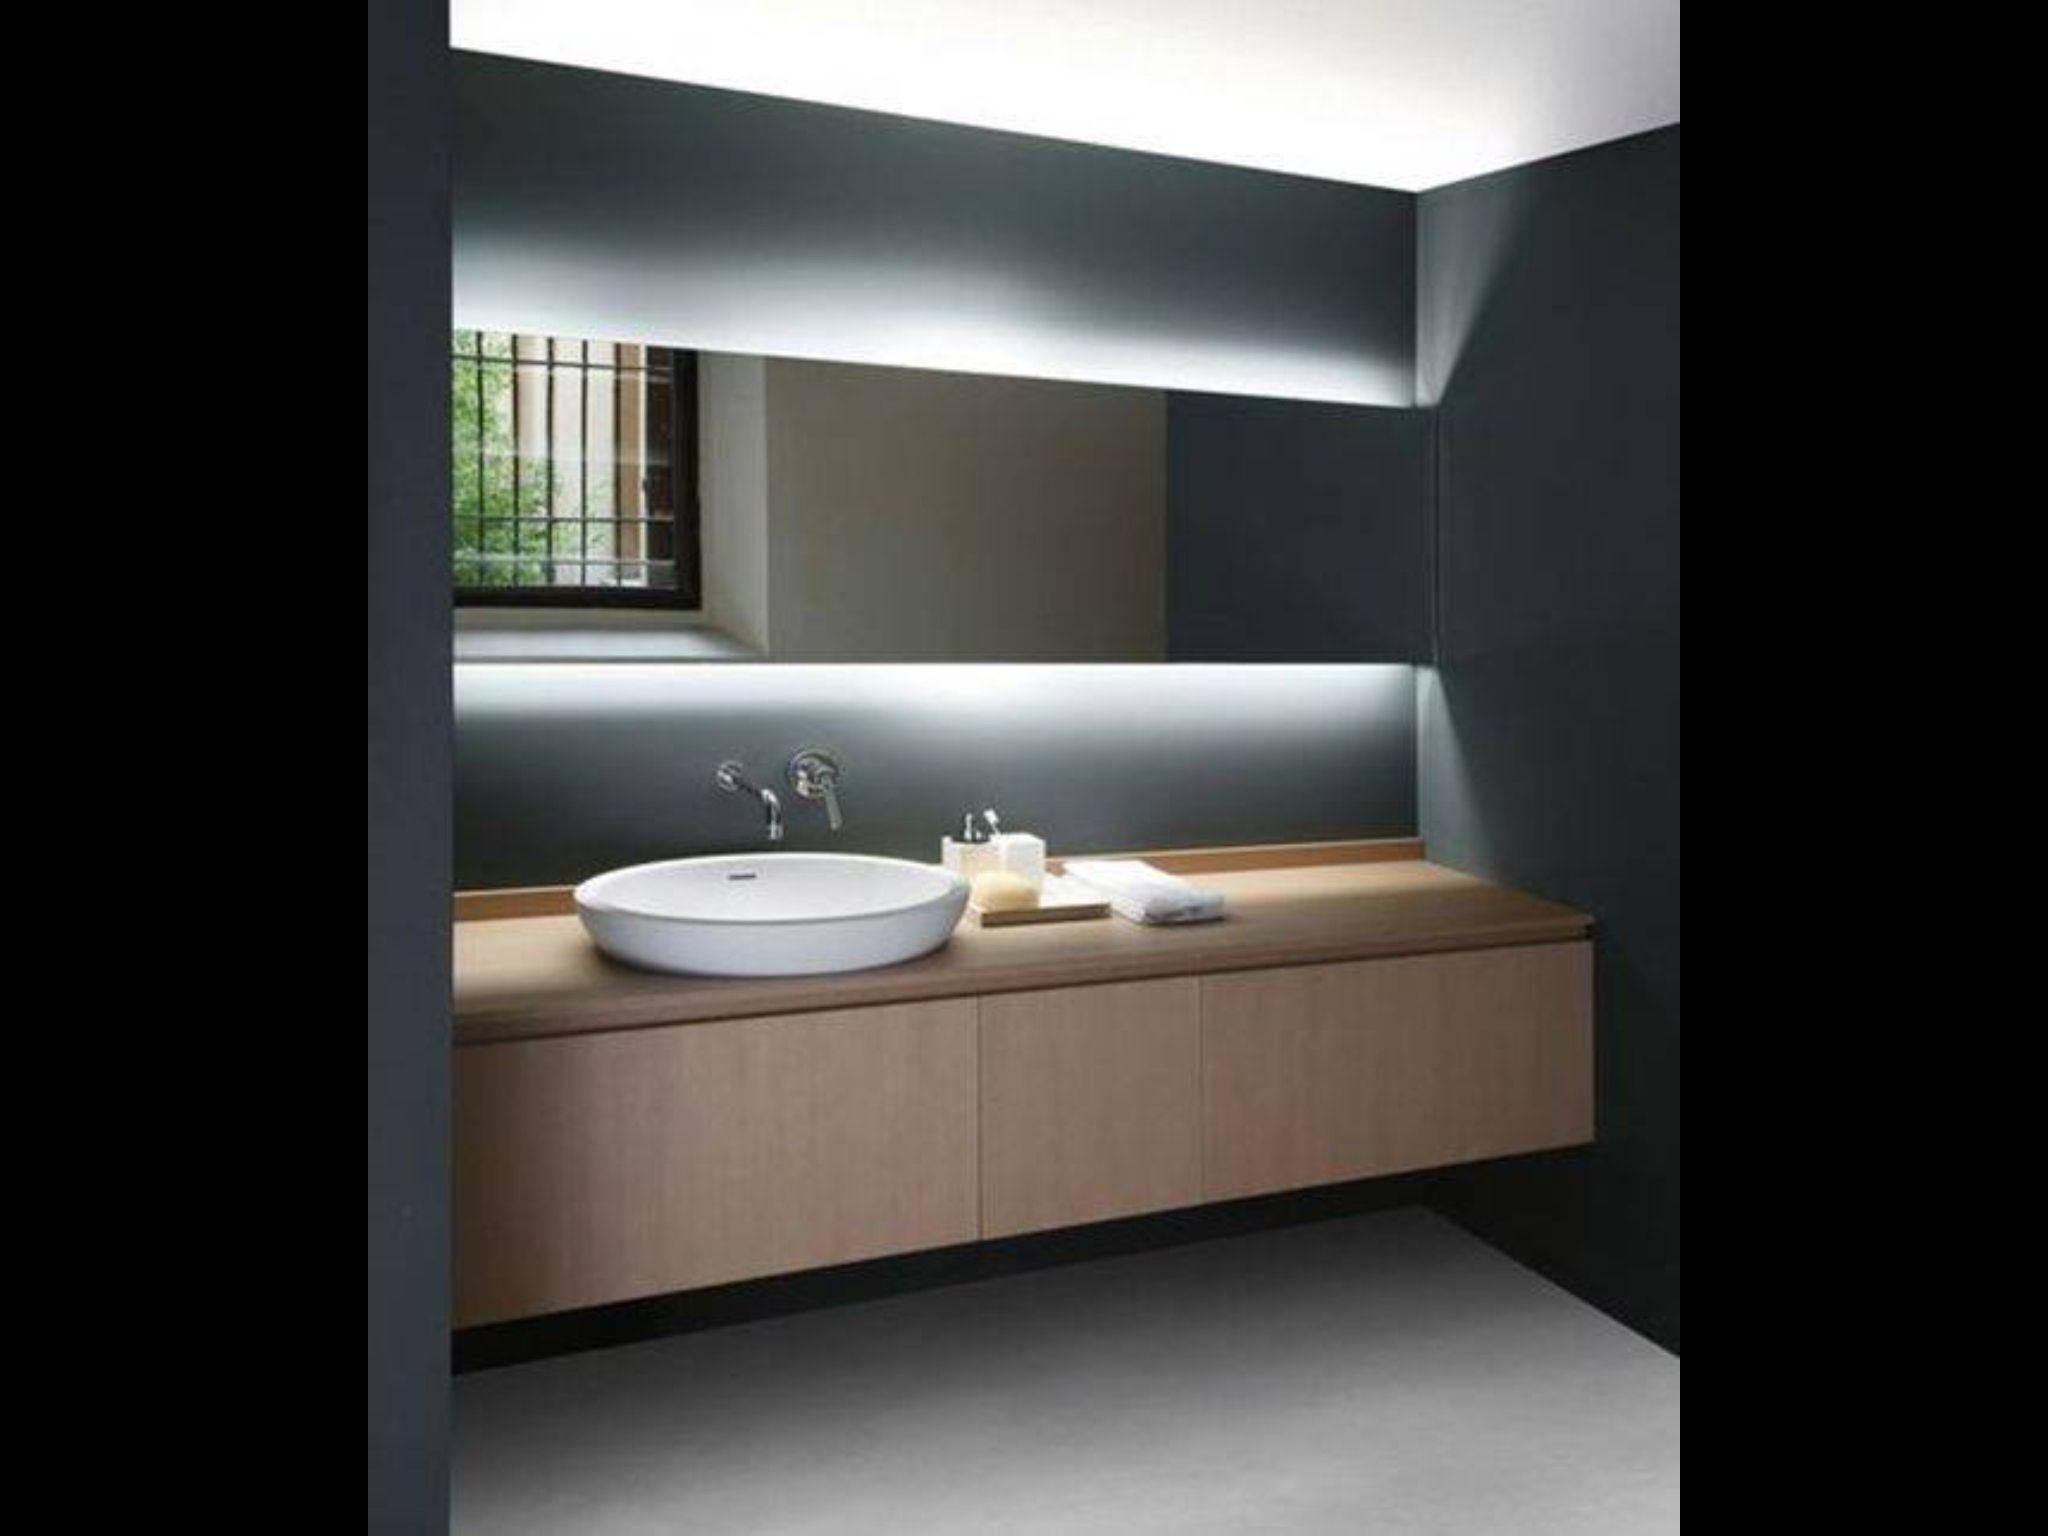 Iluminaci n indirecta ba o luz iluminacion ba os cuarto de ba o y ba os modernos - Iluminacion ideal para banos ...